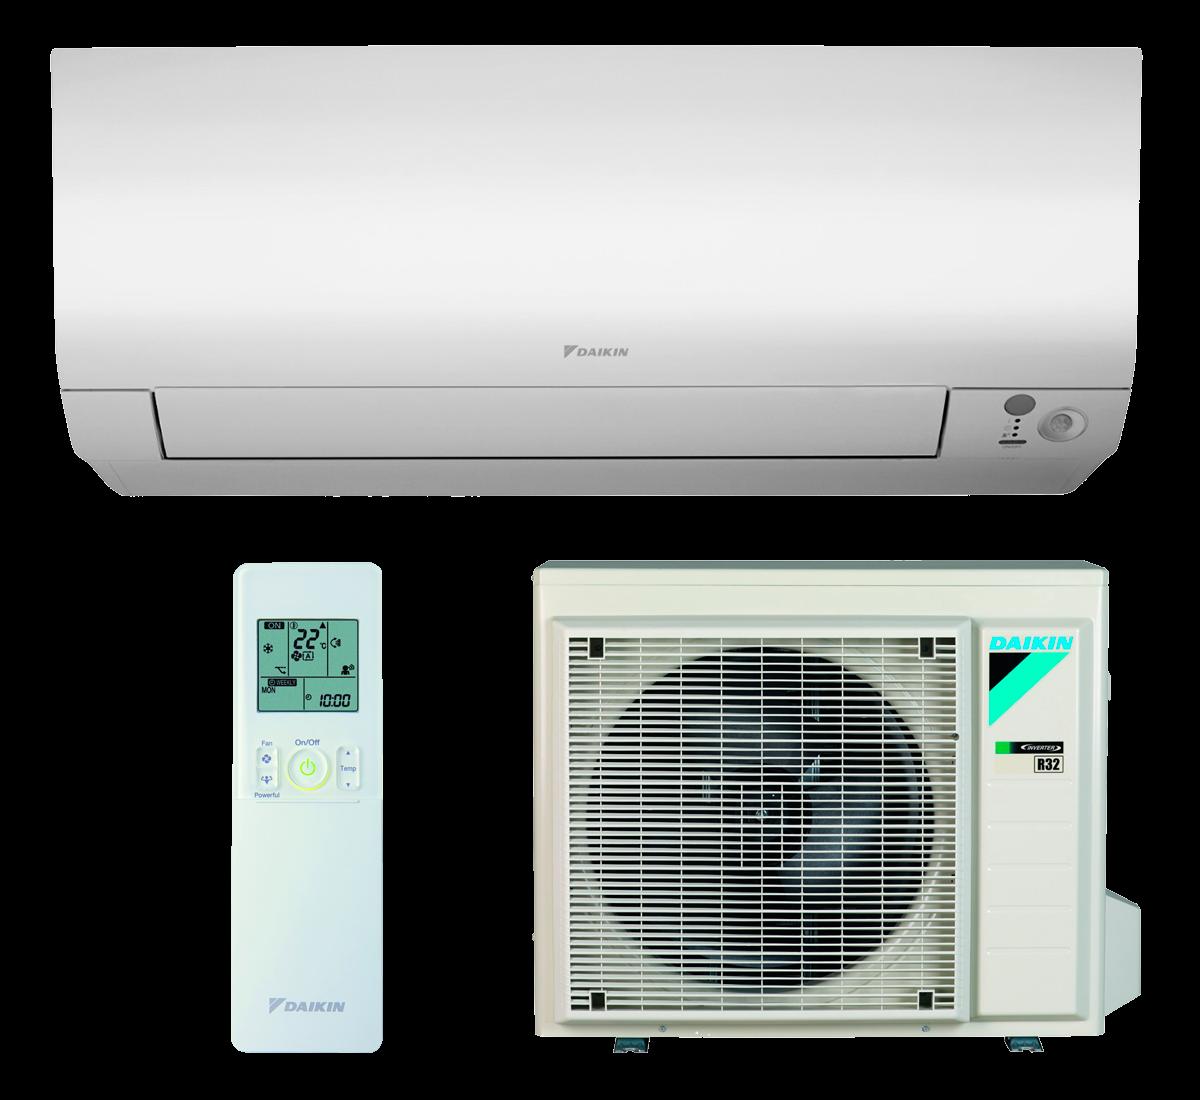 aire acondicionado conjunto split daikin inverter modelo perfera txm25n instalacion incluida caseragua 01